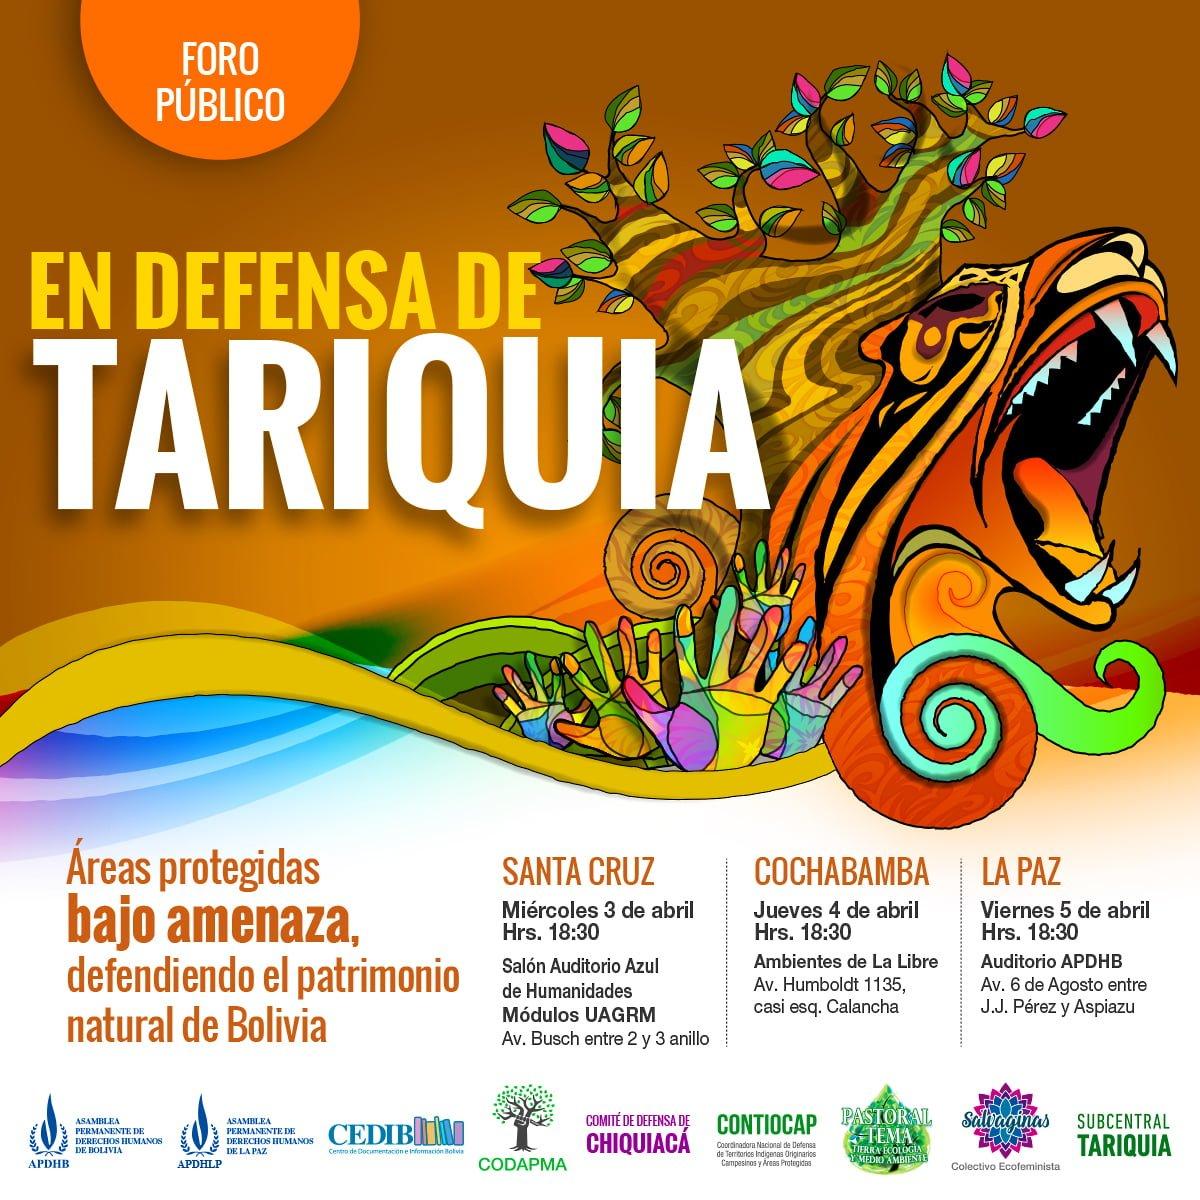 Foro público: Defensa de Tariquía